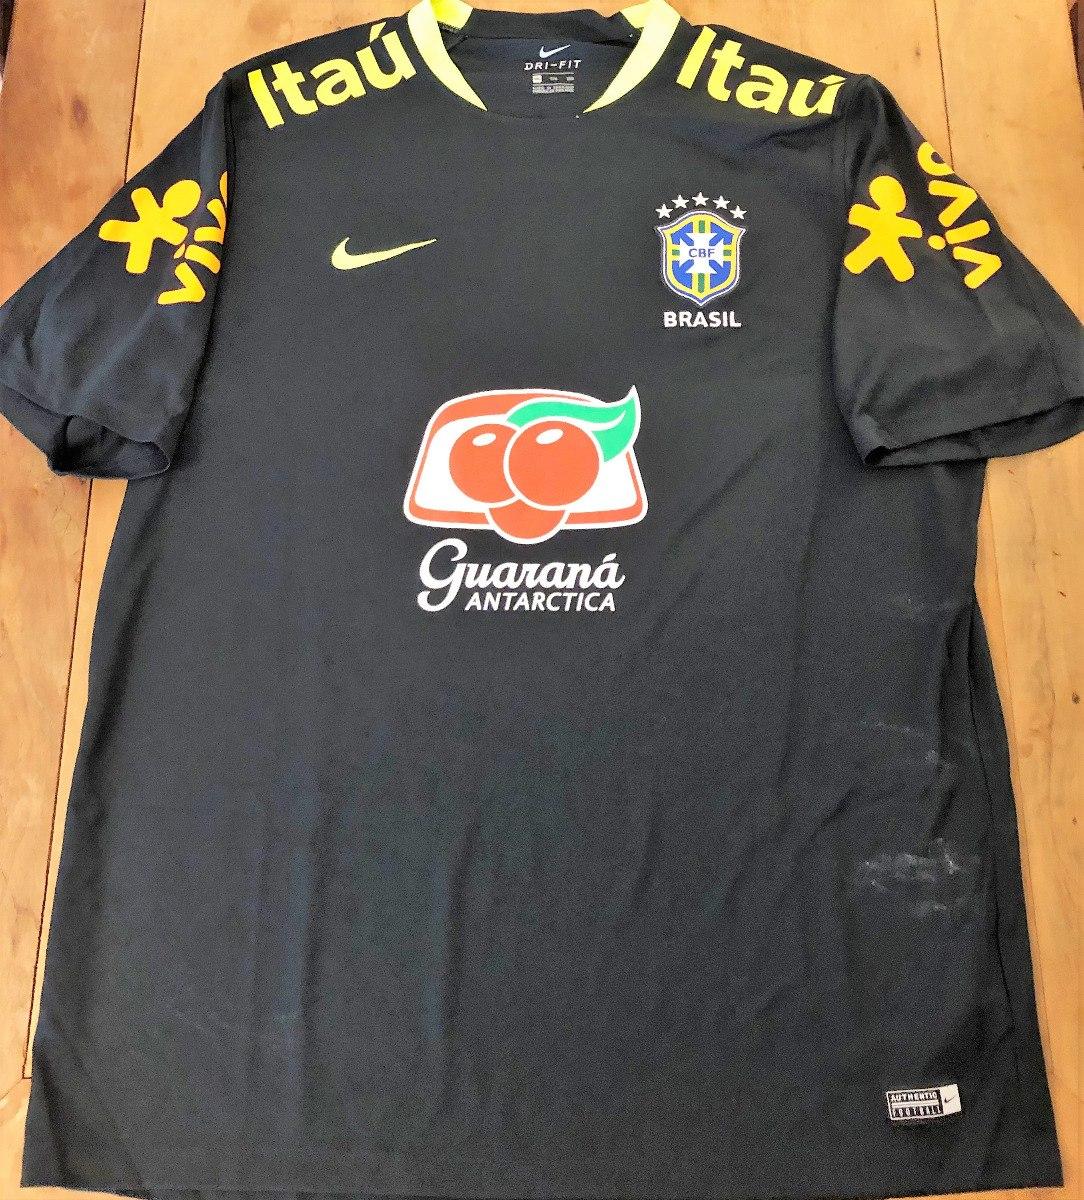 a41e767068aaf camisa treinos seleção brasileira exclusiva atletas preta. Carregando zoom.